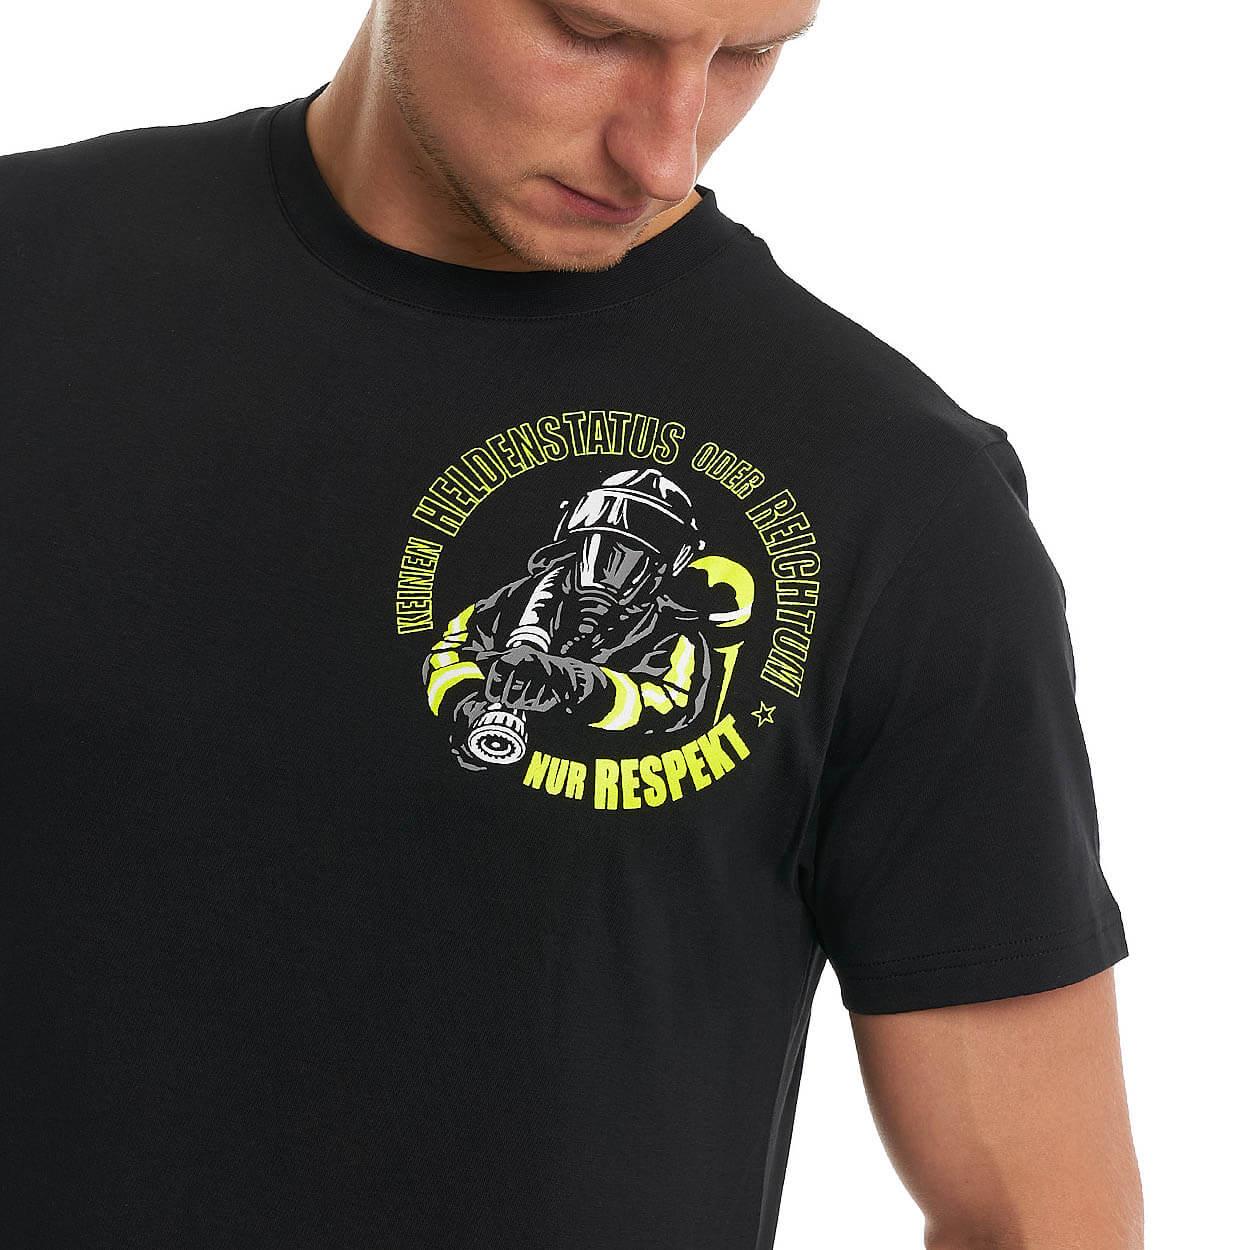 Dein Respekt, keinen Reichtum - Männer T-Shirt schwarz